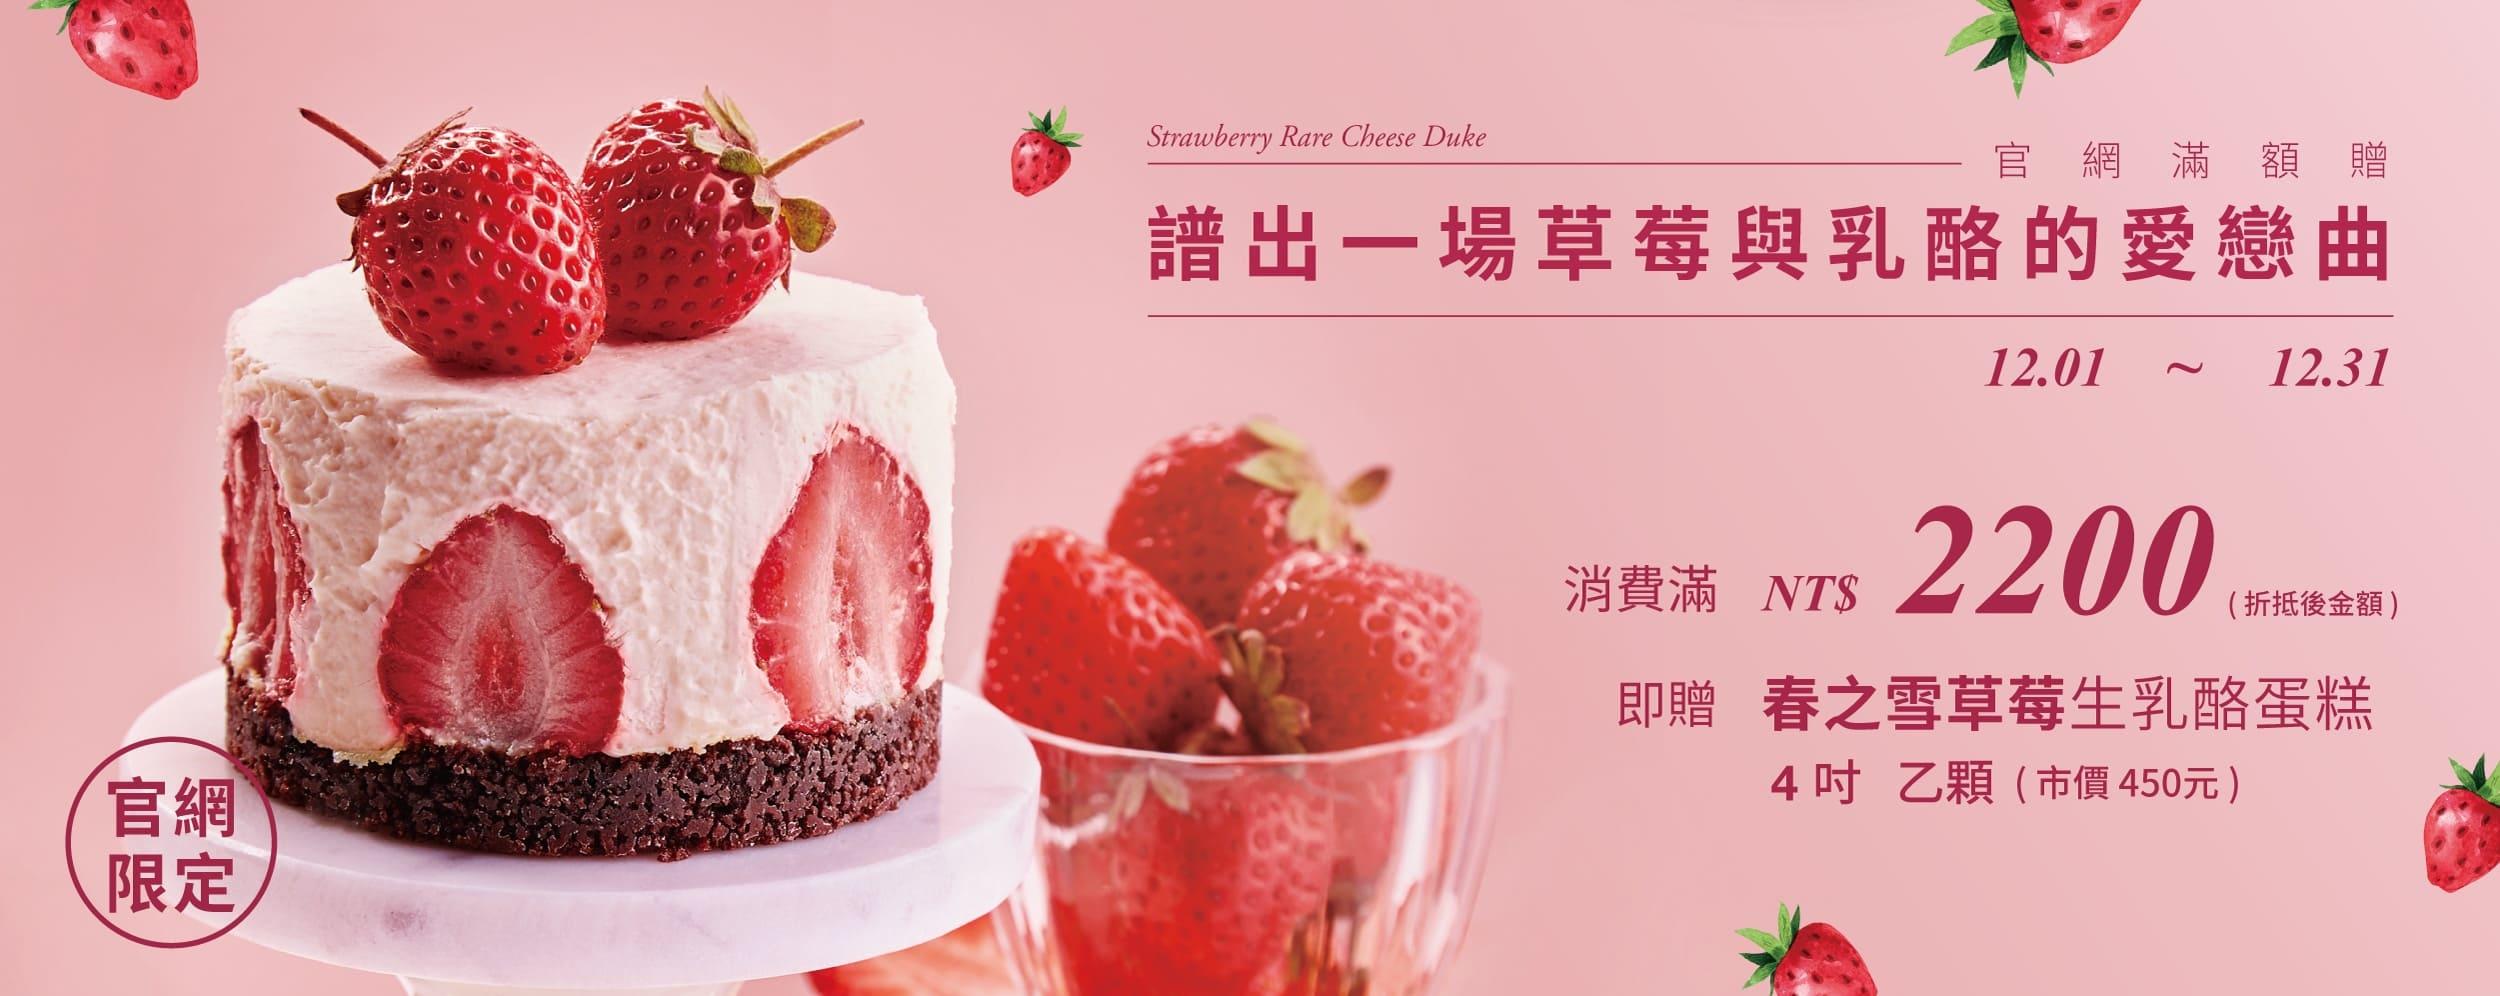 草莓,草莓生乳酪蛋糕,春之雪草莓生乳酪蛋糕,草莓蛋糕,起士公爵,滿額贈